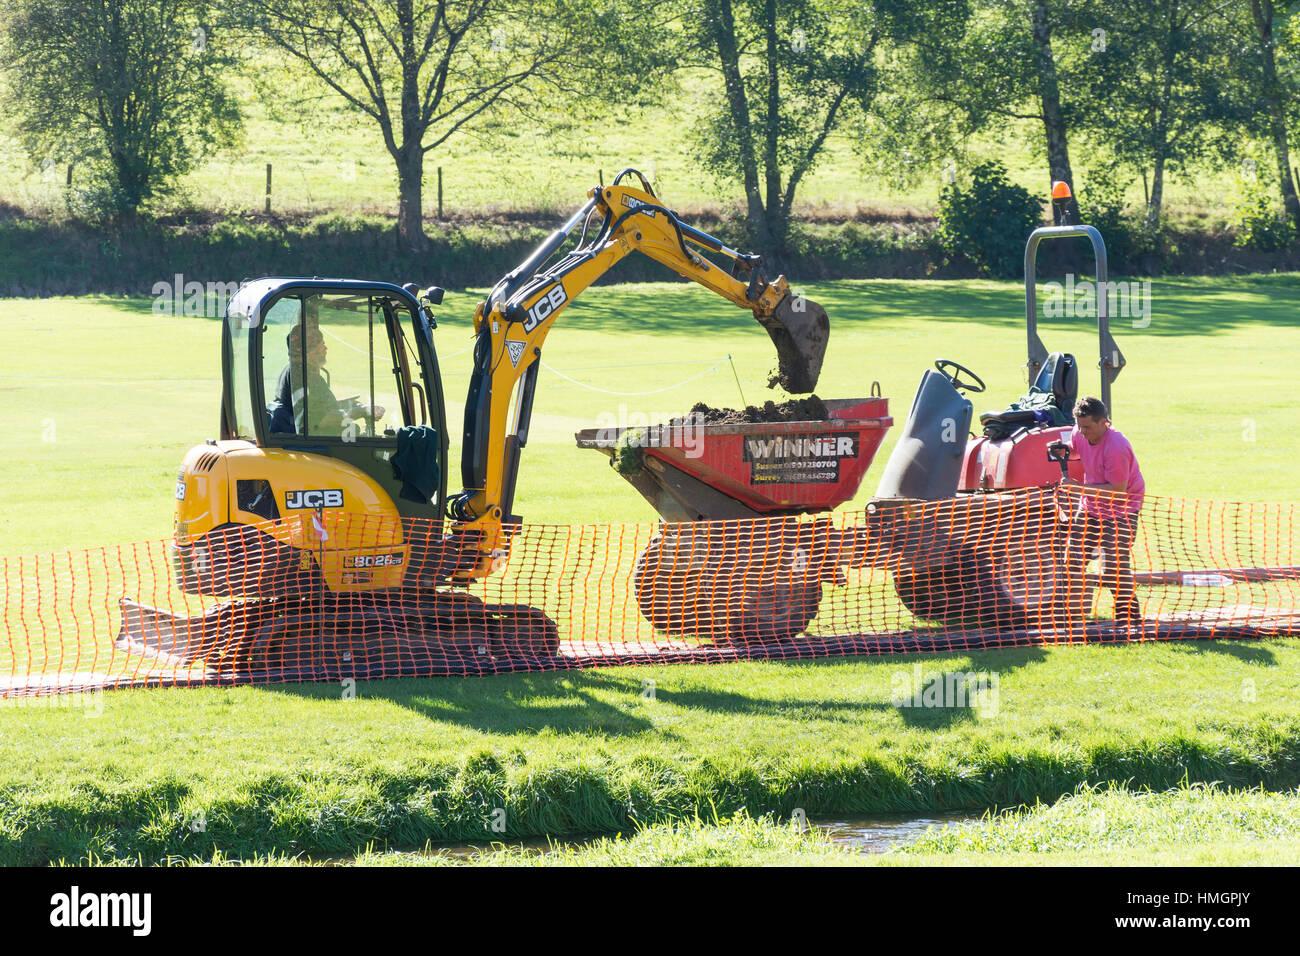 Miniexcavadora JCB descarta la tierra en saltar dumper, el verde, Abinger Hammer, Surrey, Inglaterra, Reino Unido Imagen De Stock